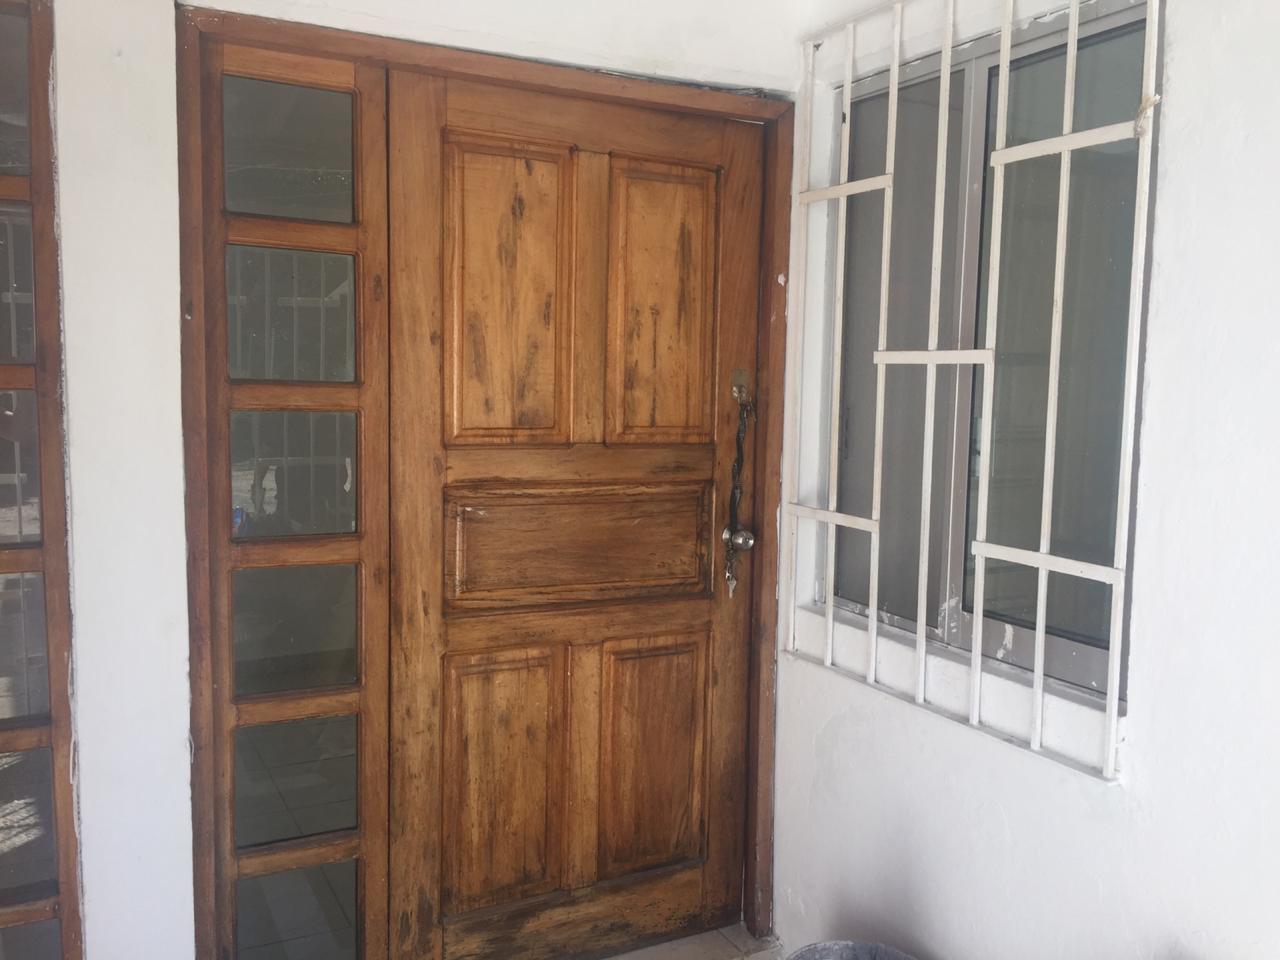 CASA CON EXCELENTE UBICACIÓN, MUY CERCA DE CENTROS COMERCIALES, CENTRAL DE AUTOBUSES, HOSPITALES Y CLÍNICAS GASOLINERIA Y ESCUELAS EN COLONIA LA BOQUITA, ZIHUATANEJO GUERRERO, ESPECIFICACIONES: - Sala – Comedor - Dos recamaras - Cocina - Baño - Patio de servicio. - Espacio de estacionamiento techado PRECIO DE CONTADO!!! ____________________  COMFORTABLE ONE LEVEL HOUSE FOR SALE!!! DESCRIPTION: -1 LEVEL - Dining room - Kitchen - Two rooms - A Full Bathroom - Service yard - Parking (Drawer) - Next to Mega Soriana and Central de Autobuses - Hospitals and Clinics in sorrounding area - 5 minutes from the Center of Zihuatanejo and Banks - A 10 from Ixtapa